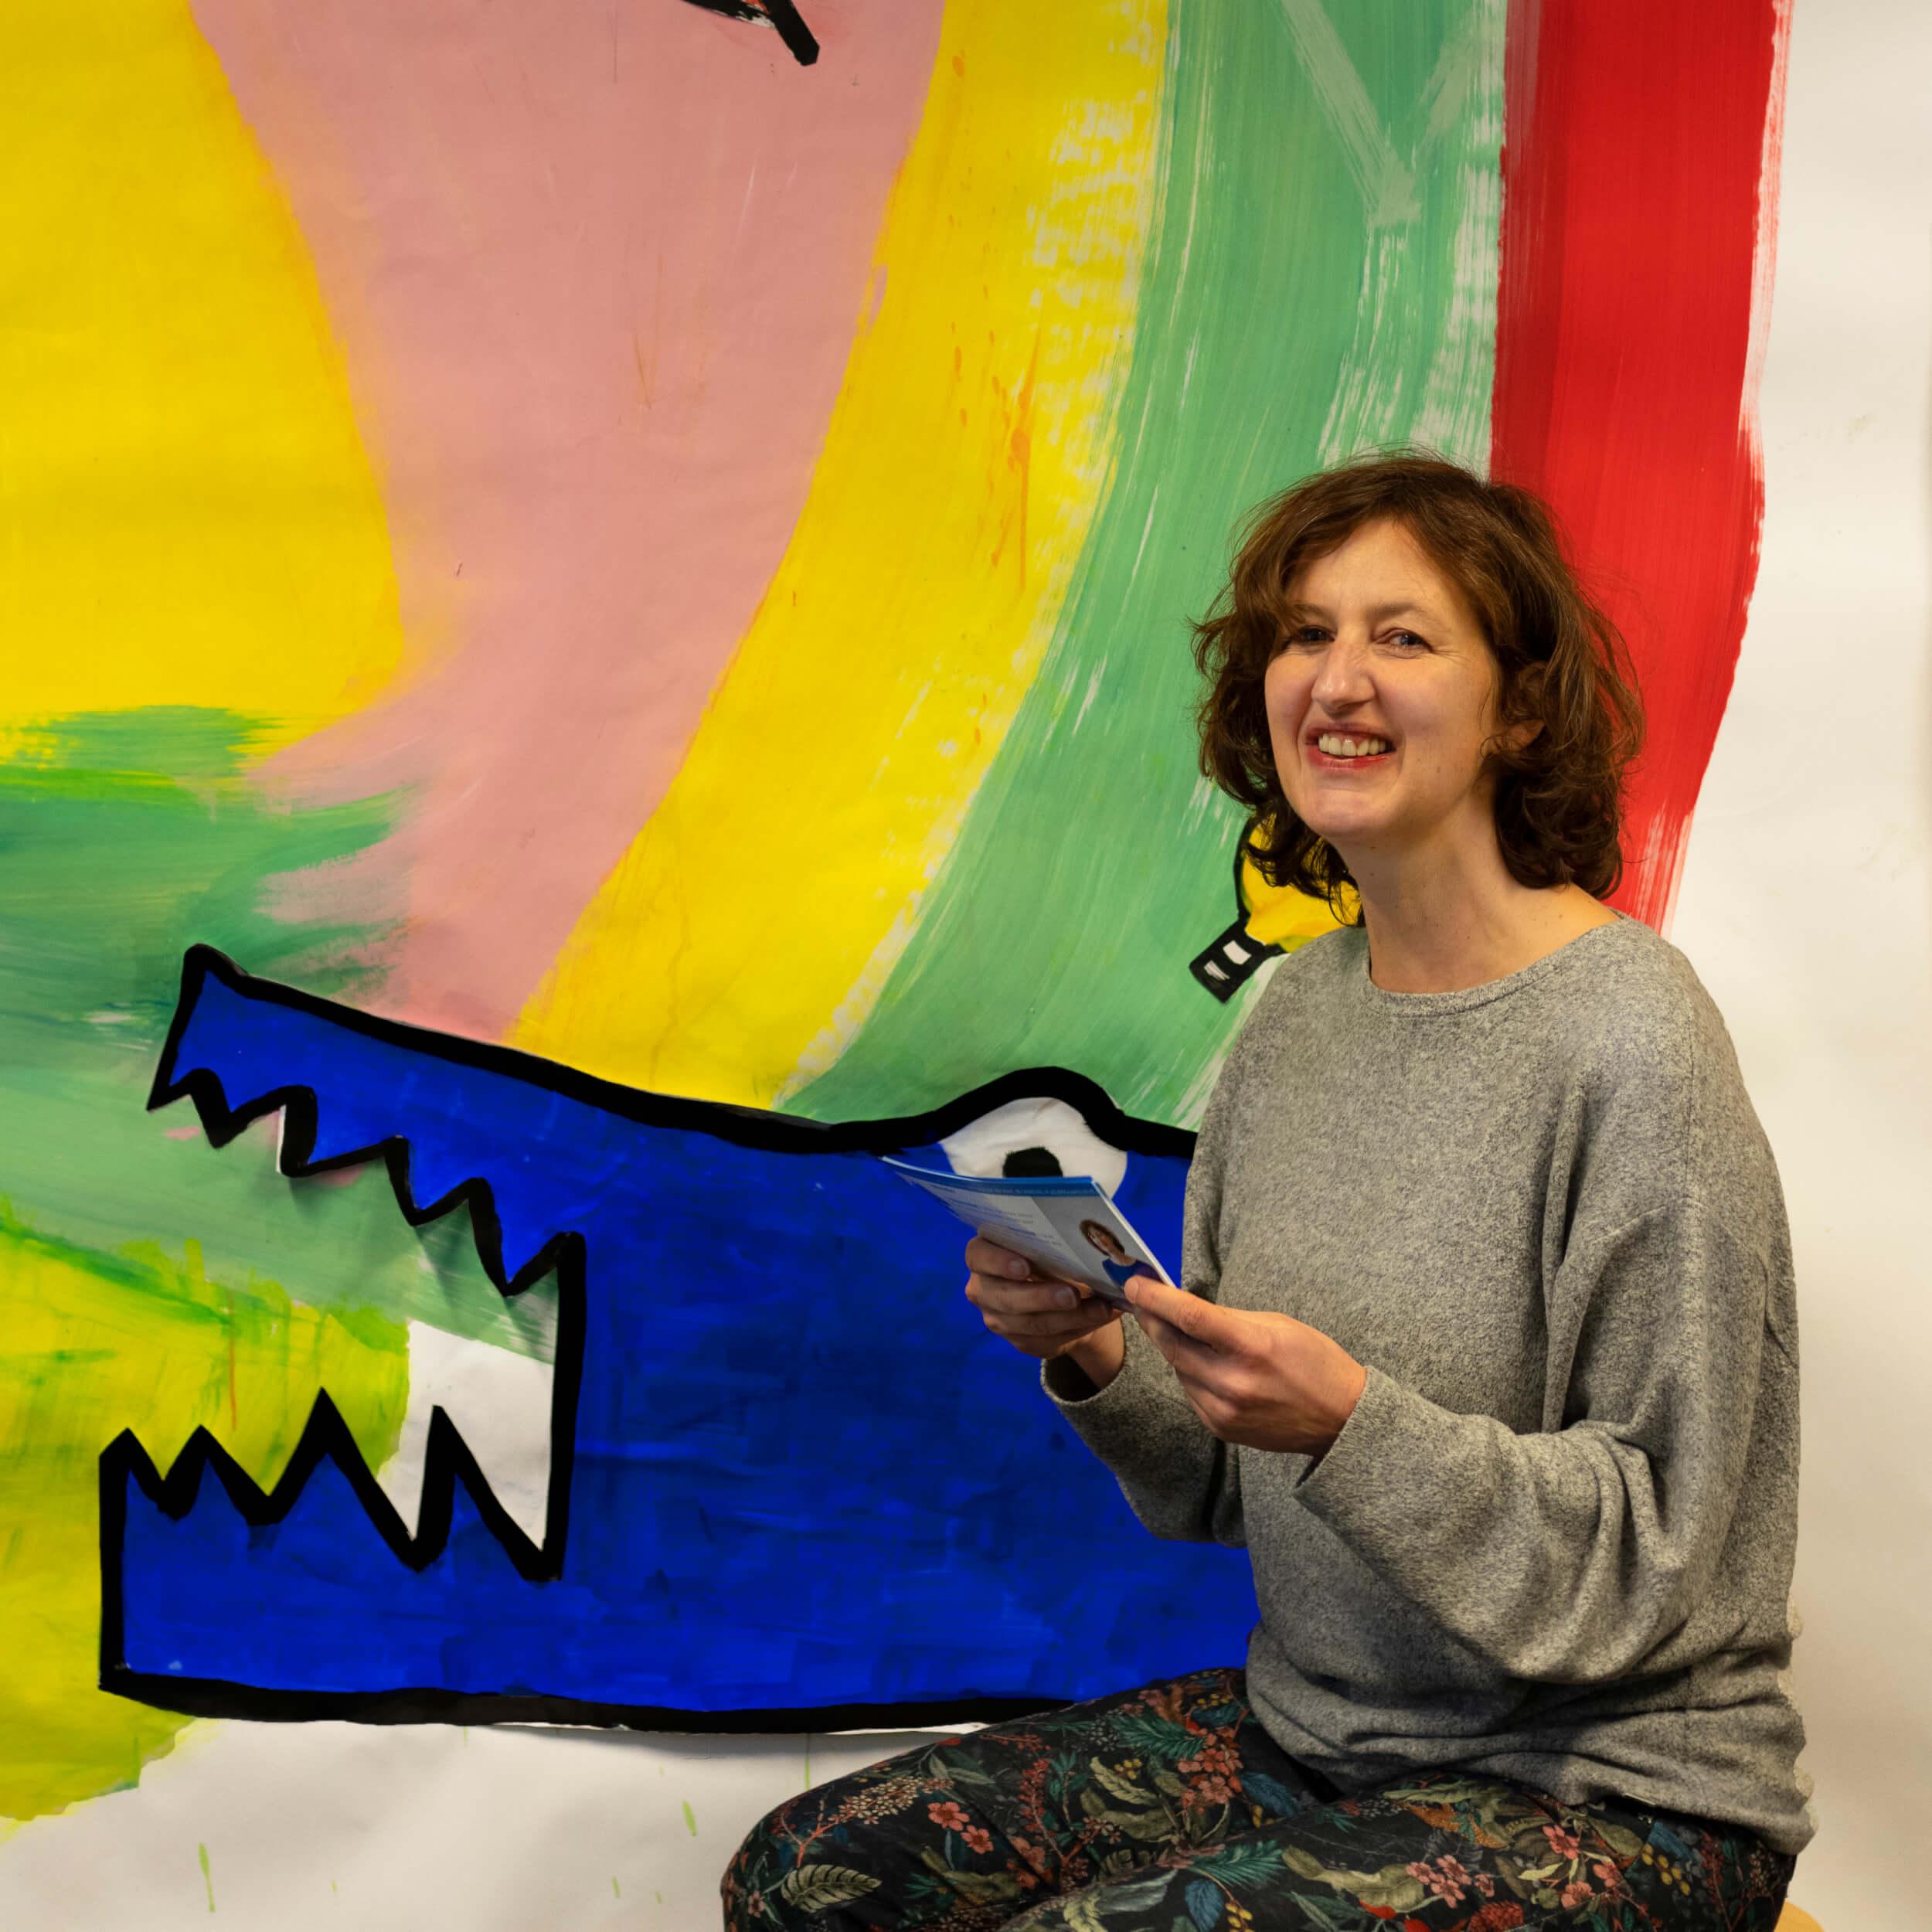 Q&A met Louise van der Voort: 'De Blauwe Krokodil is een sociale onderneming gerund door mensen die willen werken met een heel specifiek talent waardoor wij dagelijks werken aan meer inclusievere samenleving.'